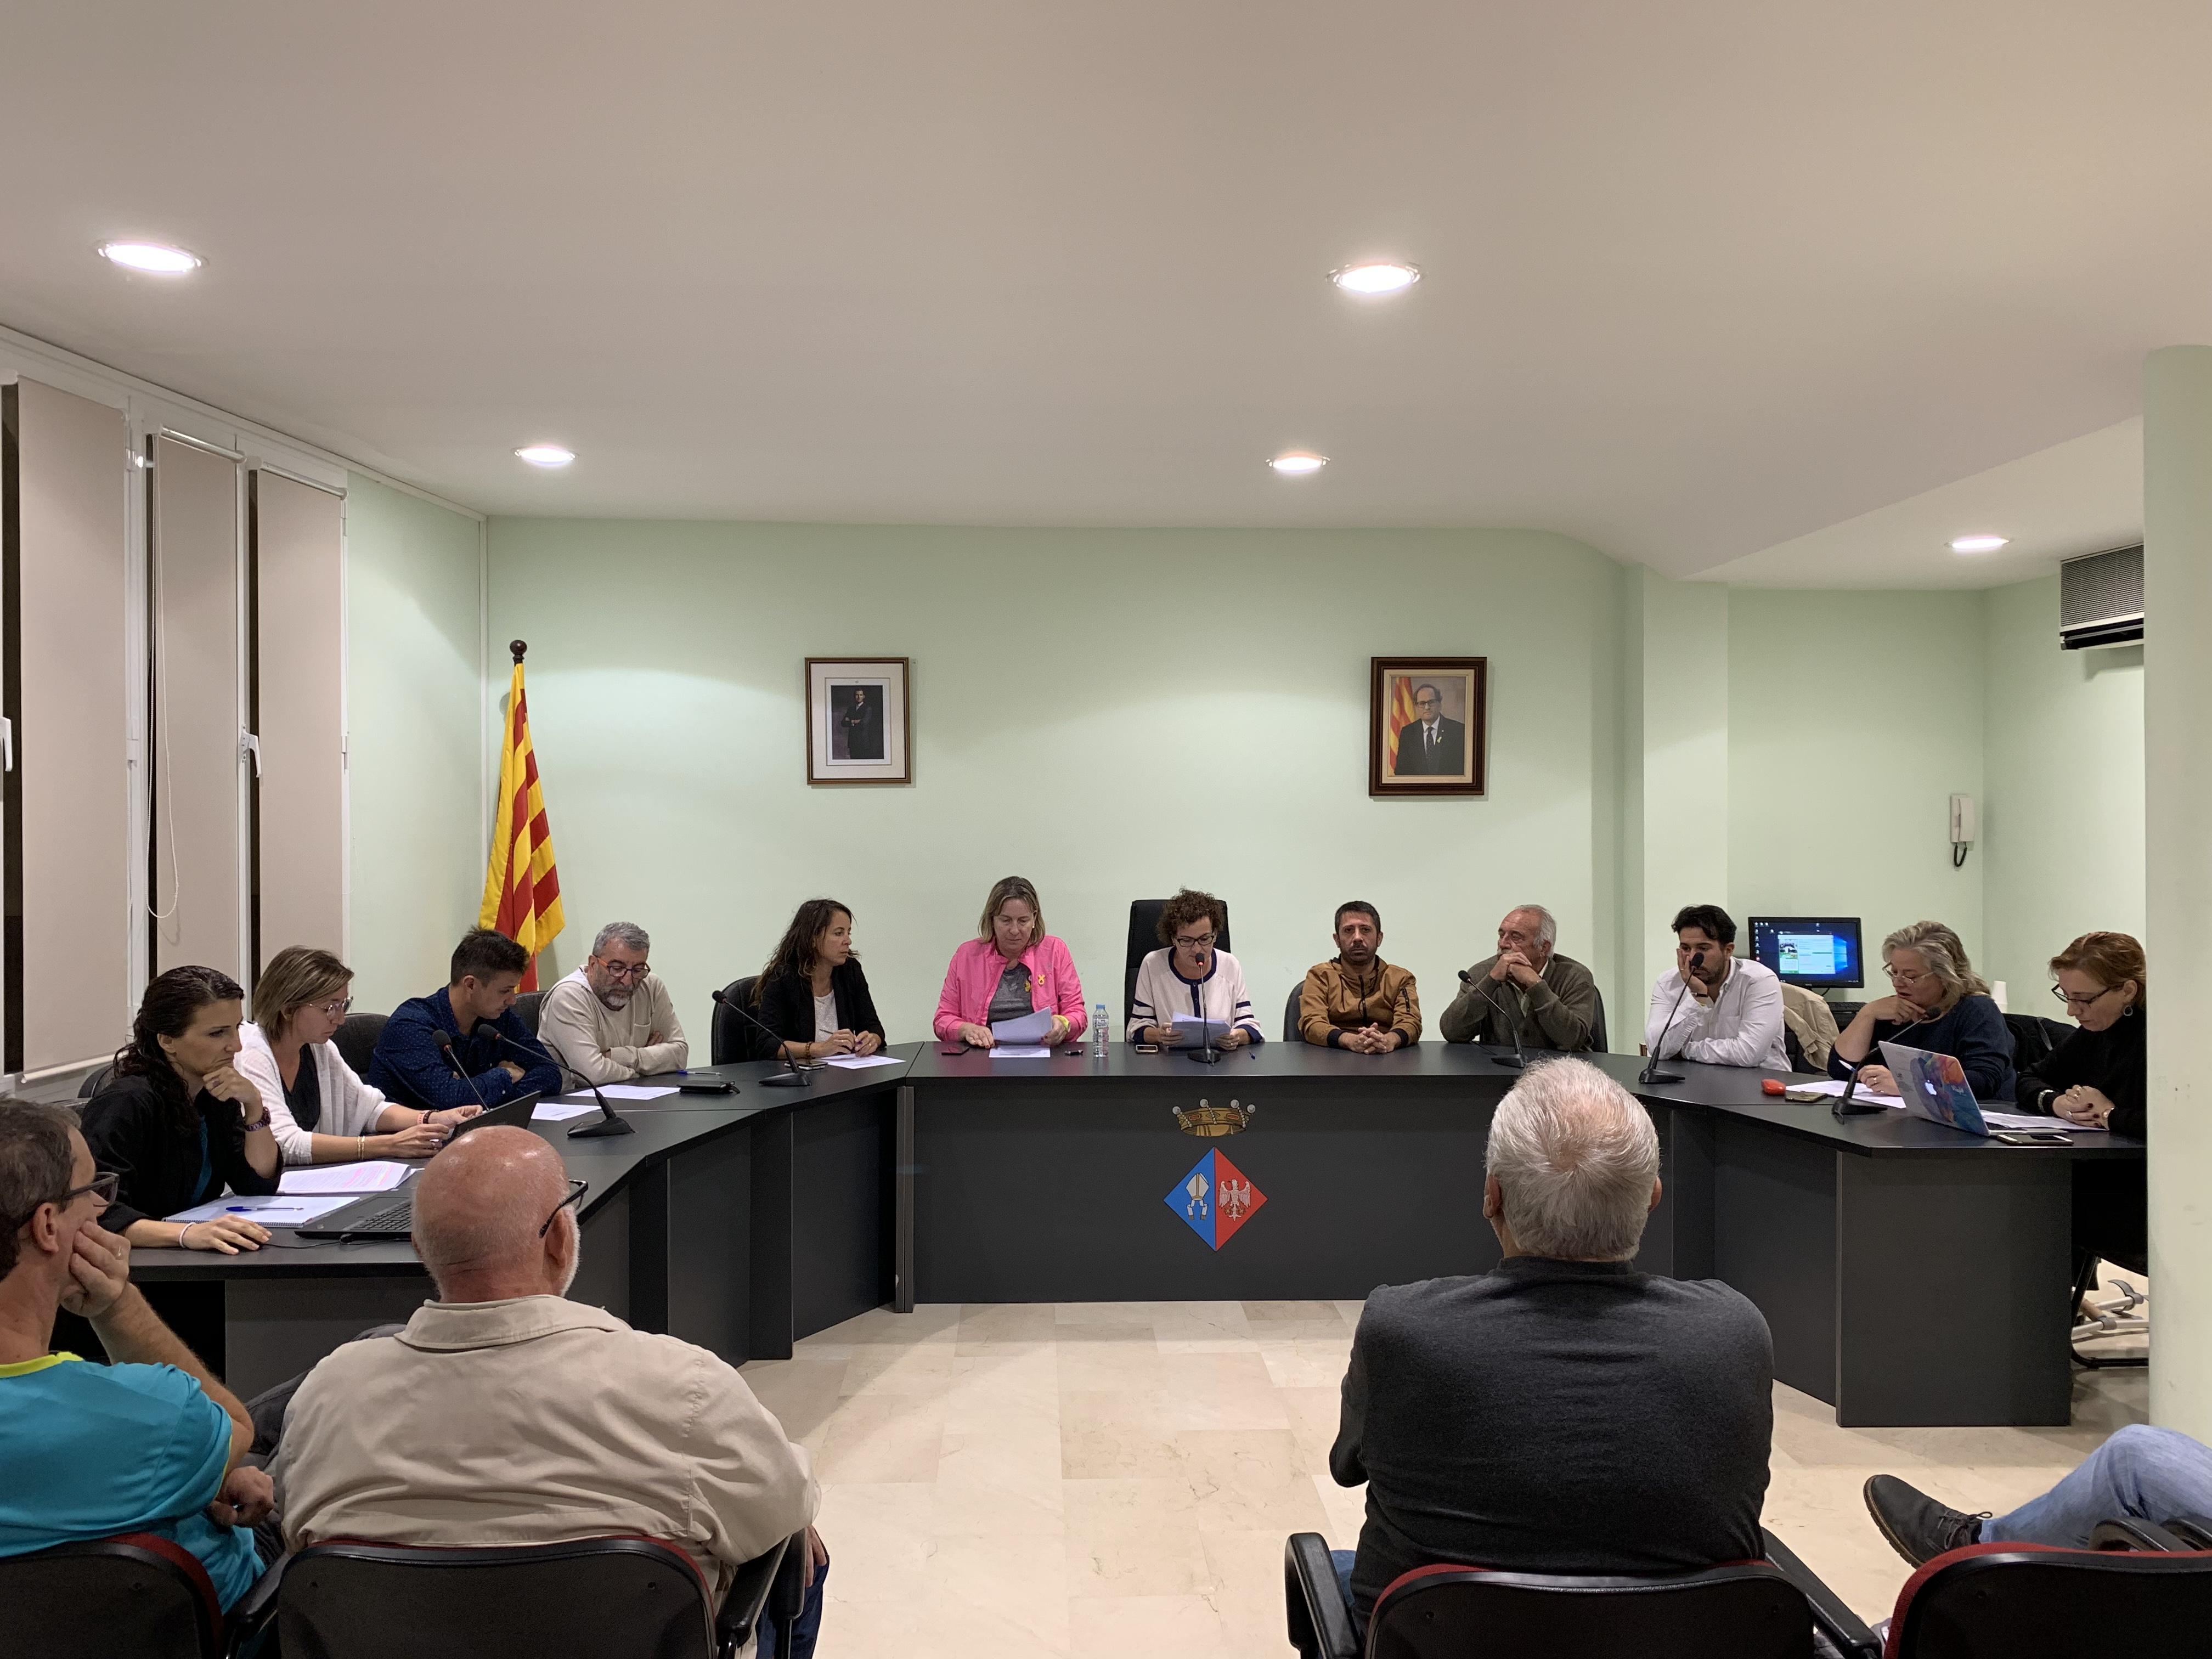 Aquest dimecres 16 d'octubre de 2019 s'ha celebrat un Ple extraordinari i urgent a l'Ajuntament de la Bisbal del Penedès